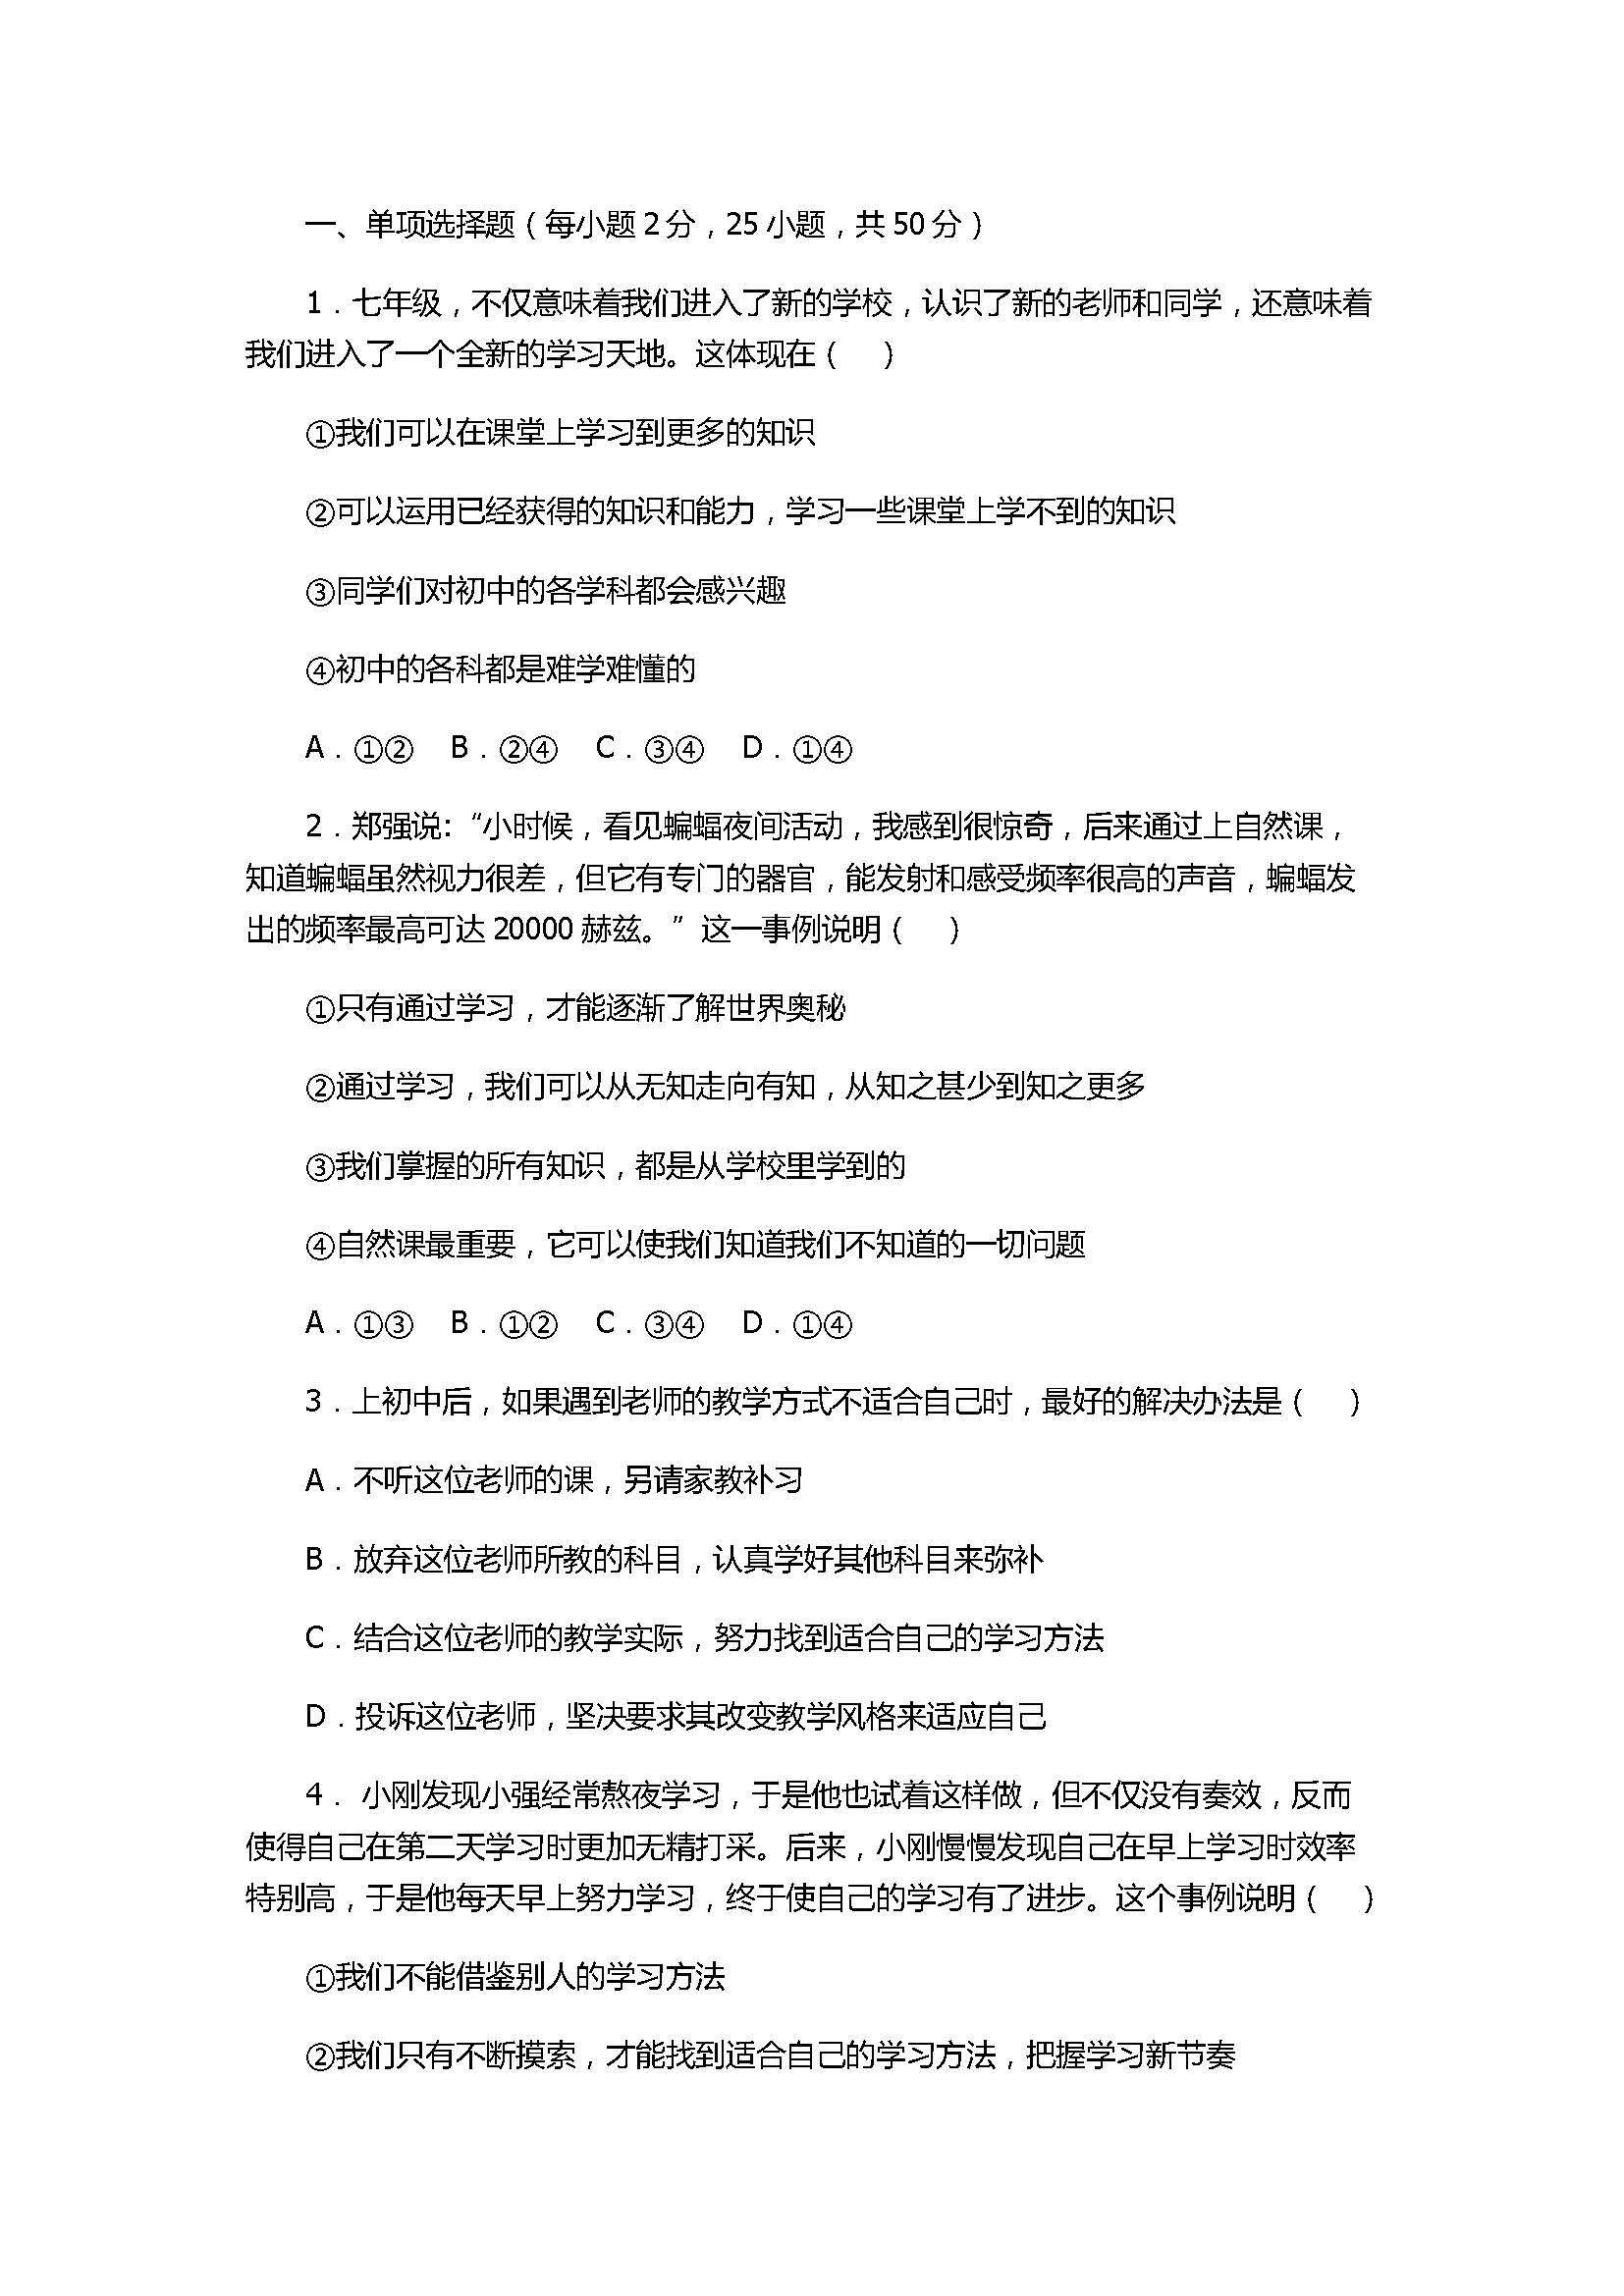 2017七年级政治期末六校联考试卷含参考答案(云南省腾冲县)